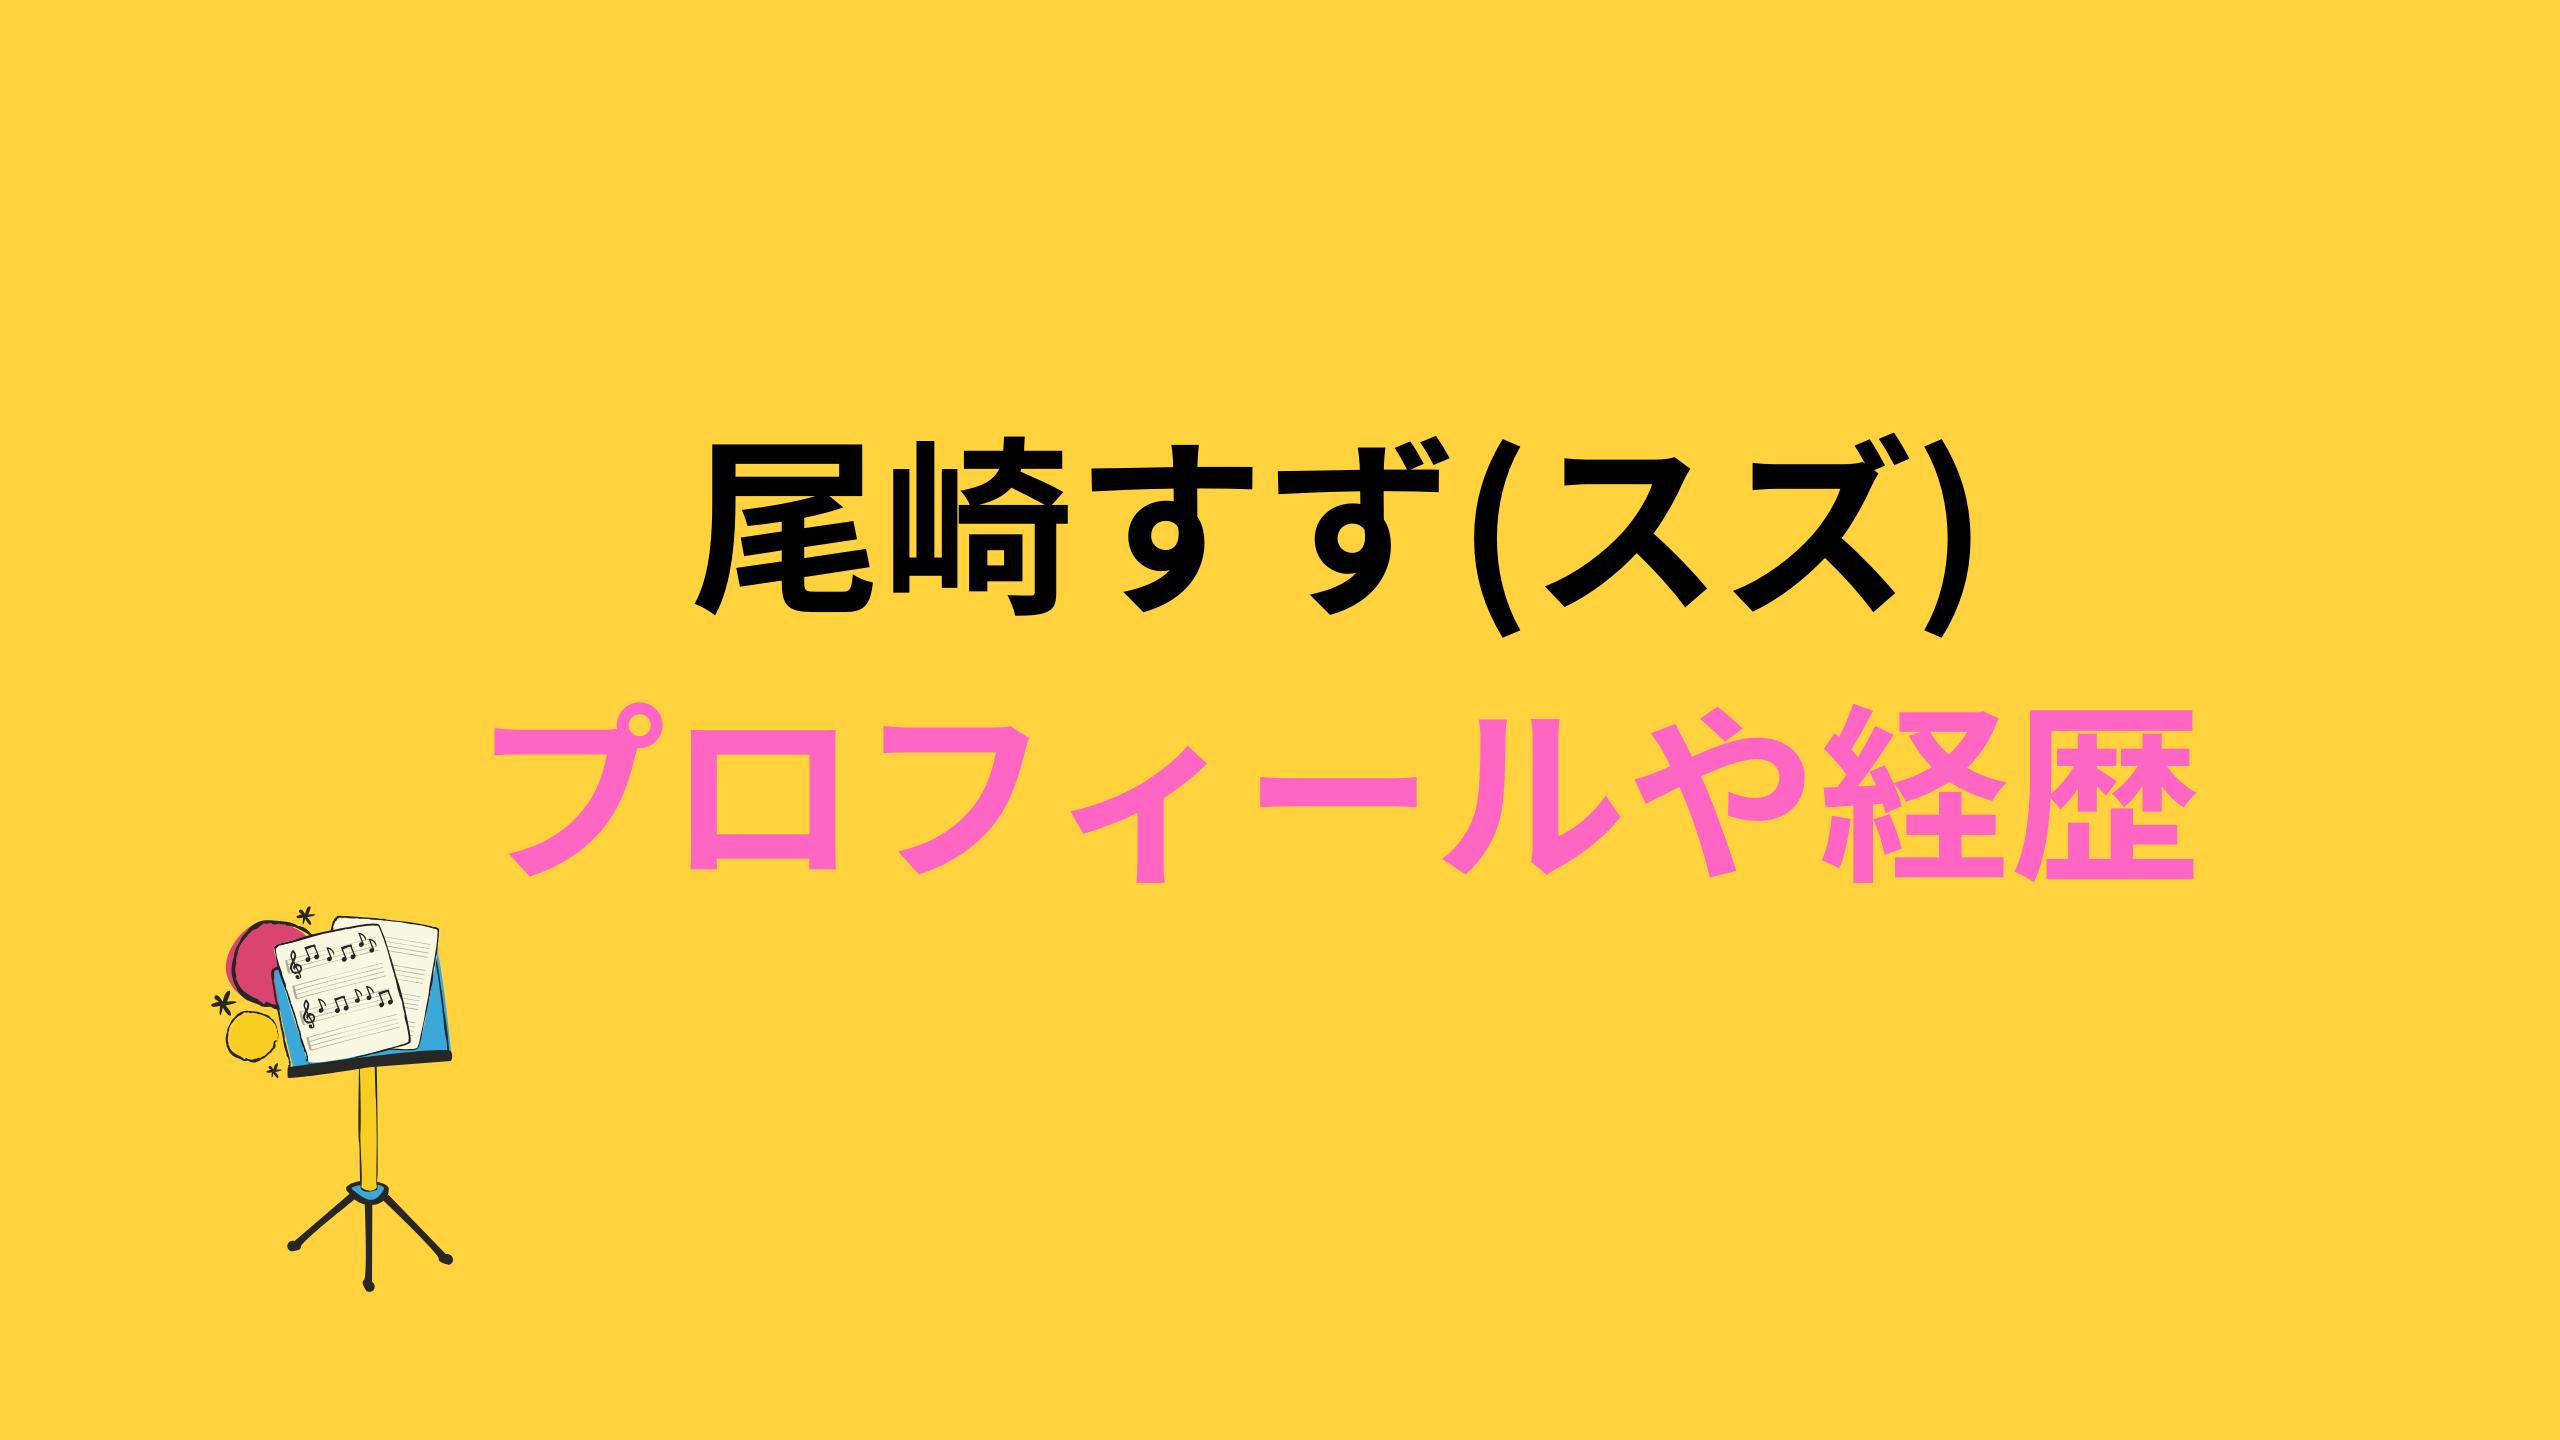 スズ 虹 プロジェクト